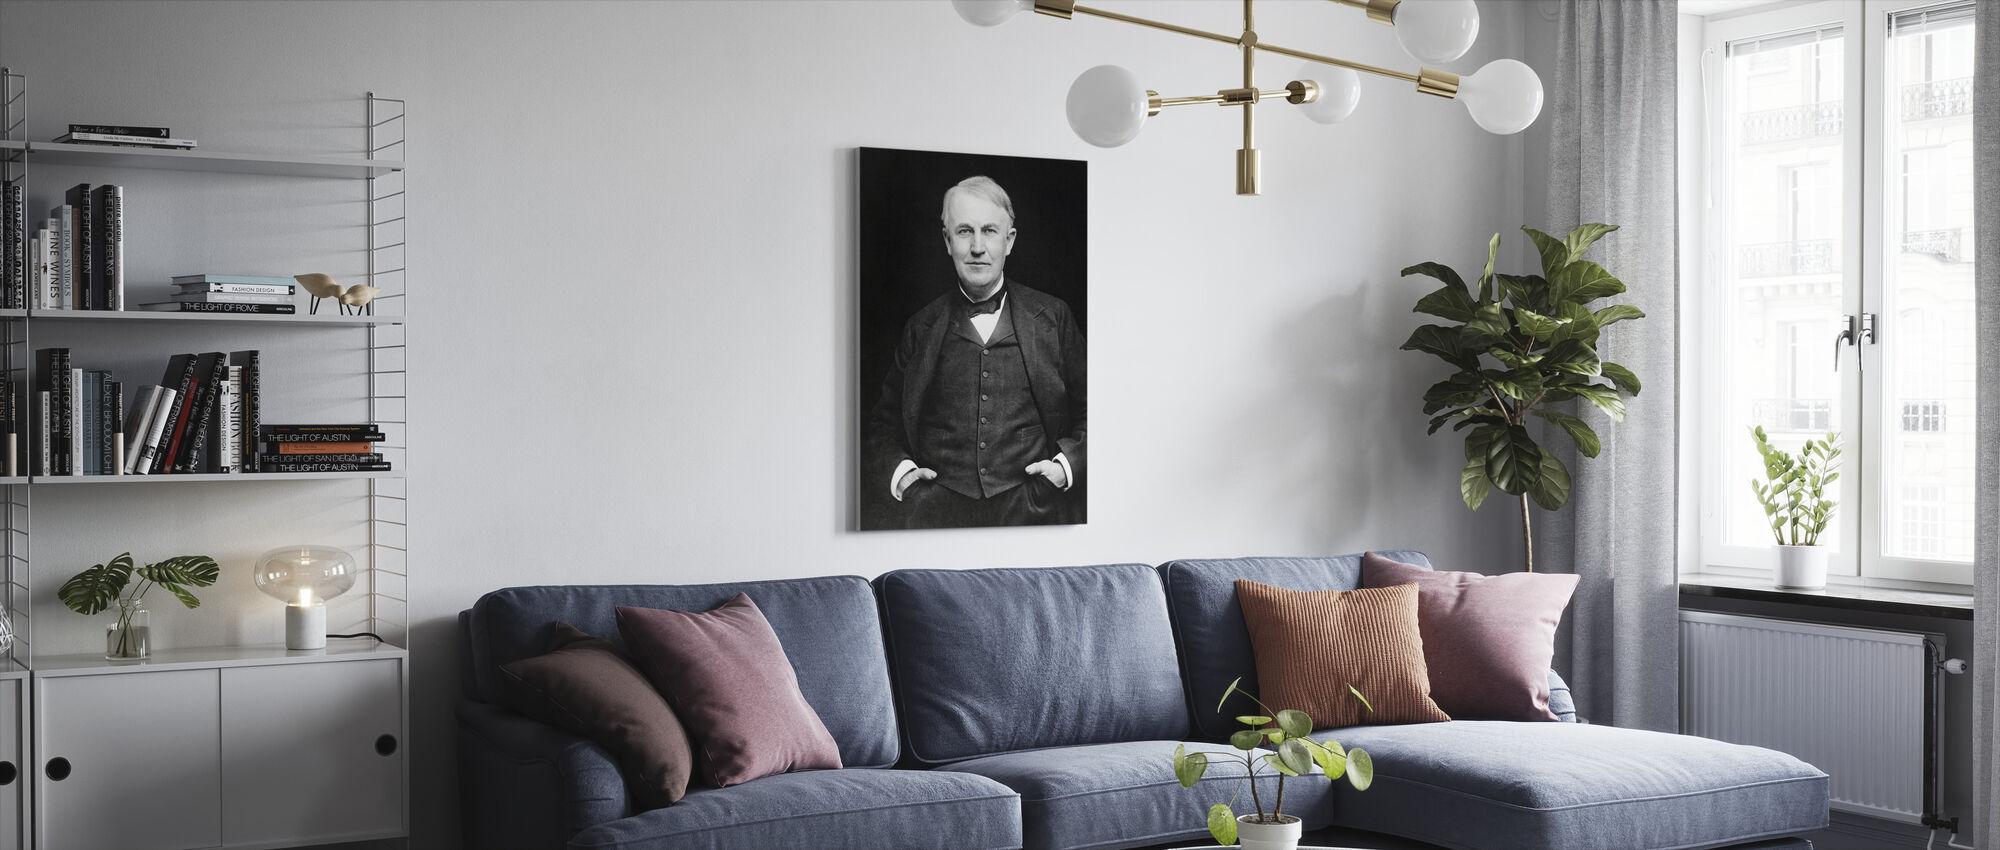 Thomas Edison - Canvas print - Living Room